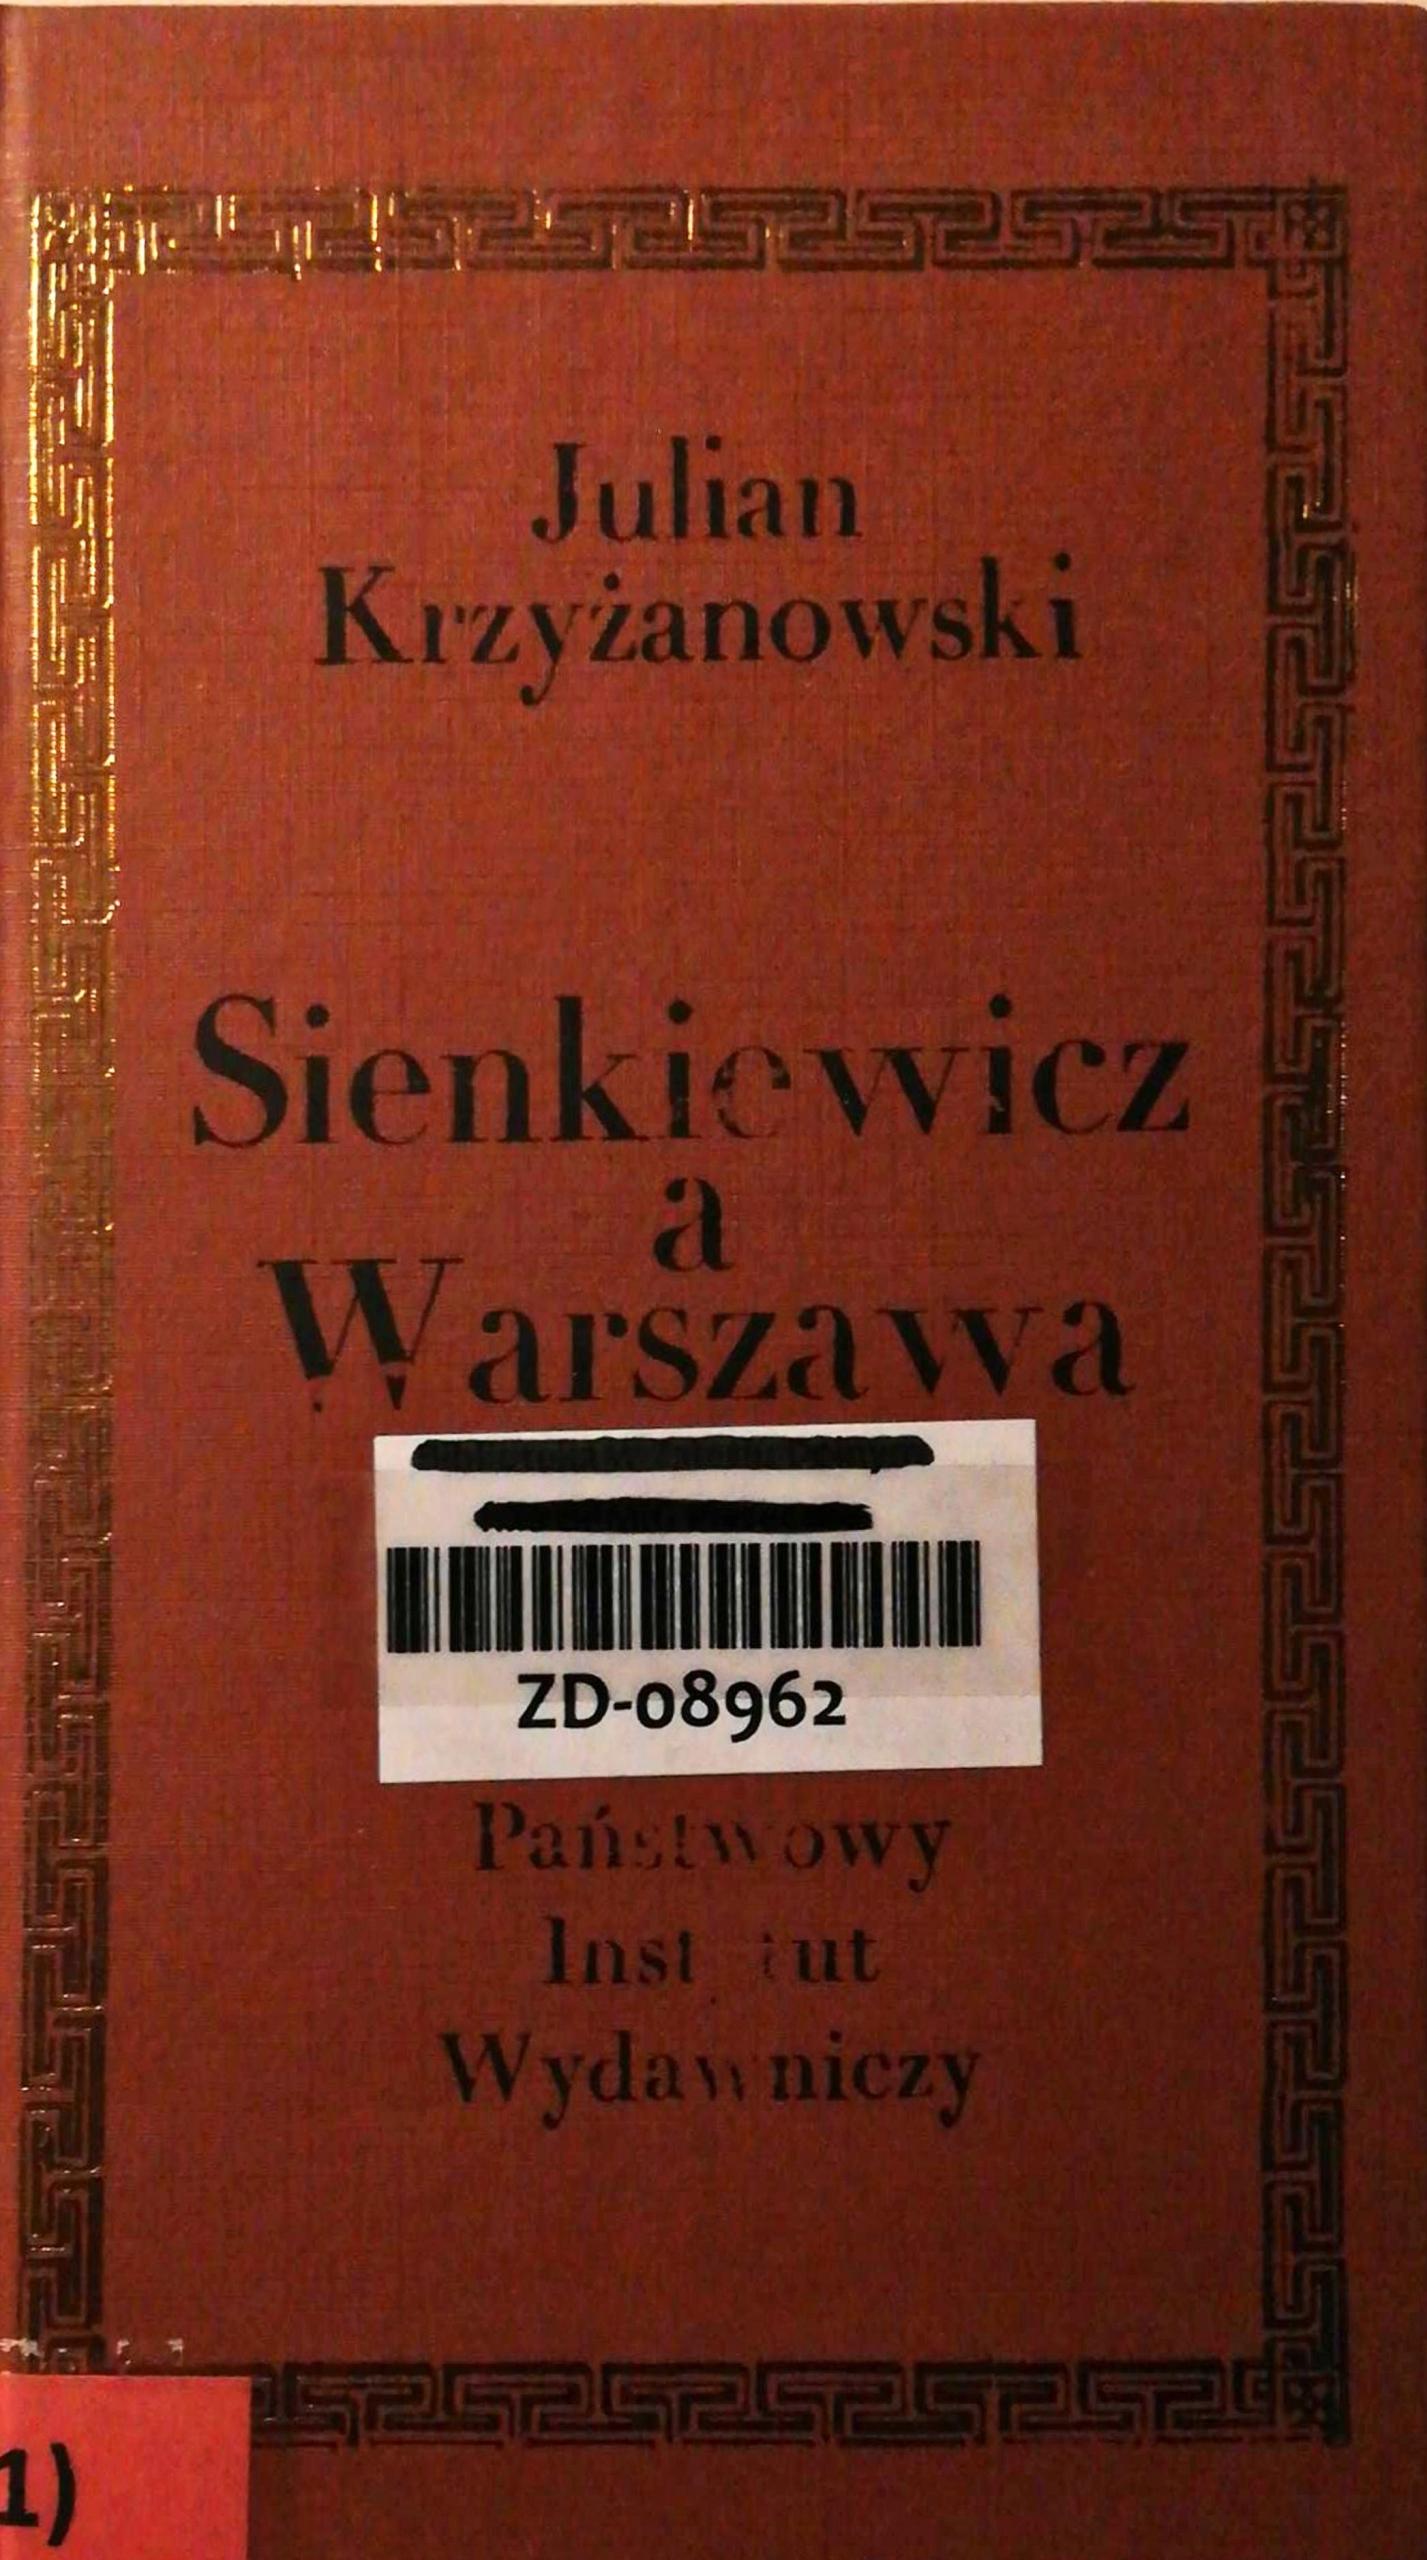 Sienkiewicz a Warszawa - Krzyżanowski